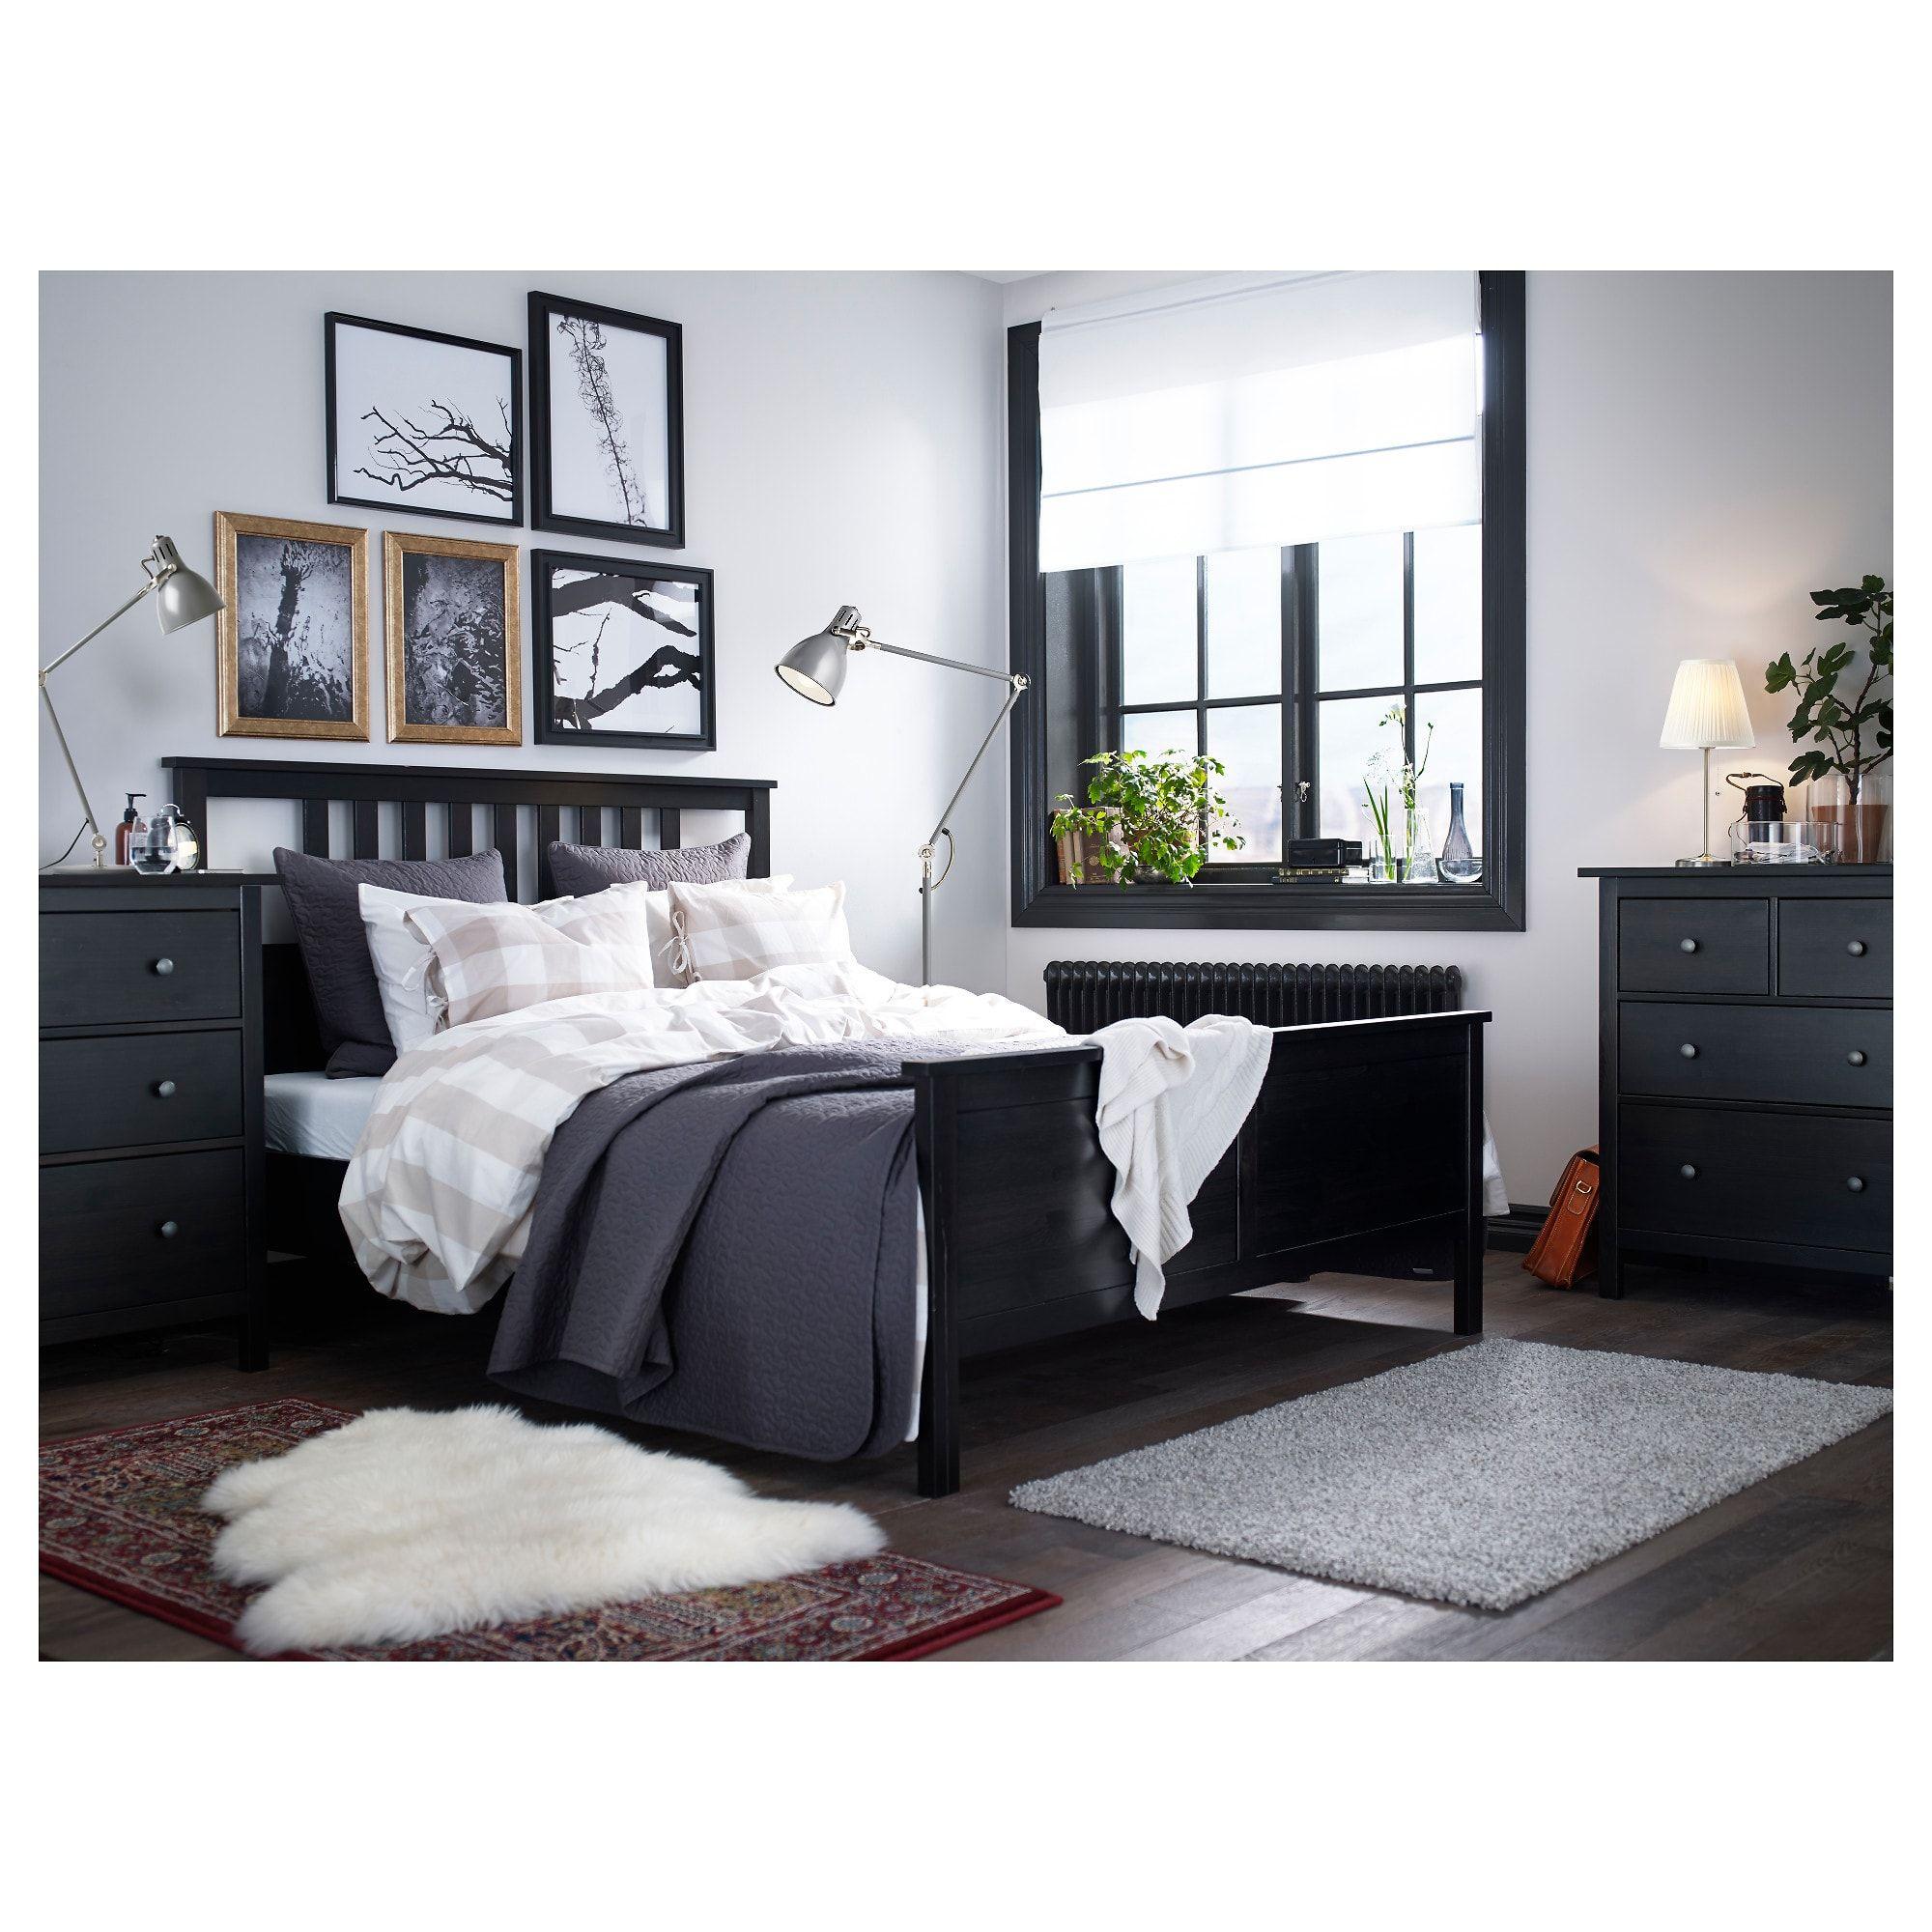 Hemnes Bed Frame Ikea Ikea Bedroom Furniture Ikea Hemnes Bed